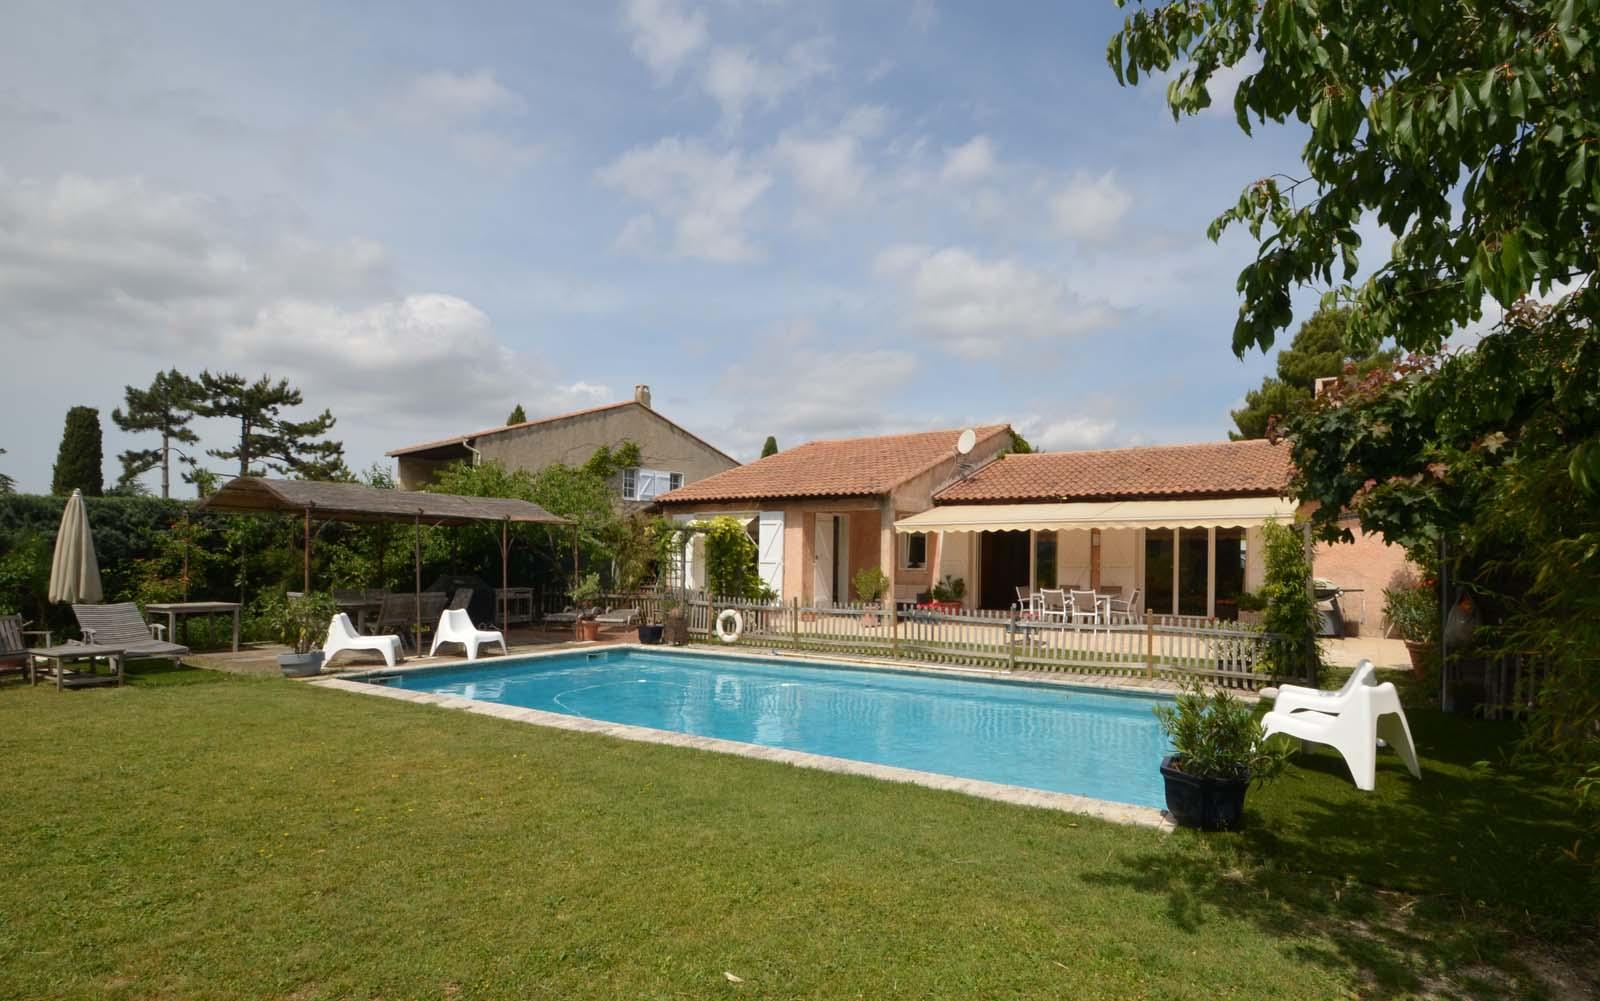 Vakantiehuis in Cabries met zwembad, in Provence-Cote d'Azur.